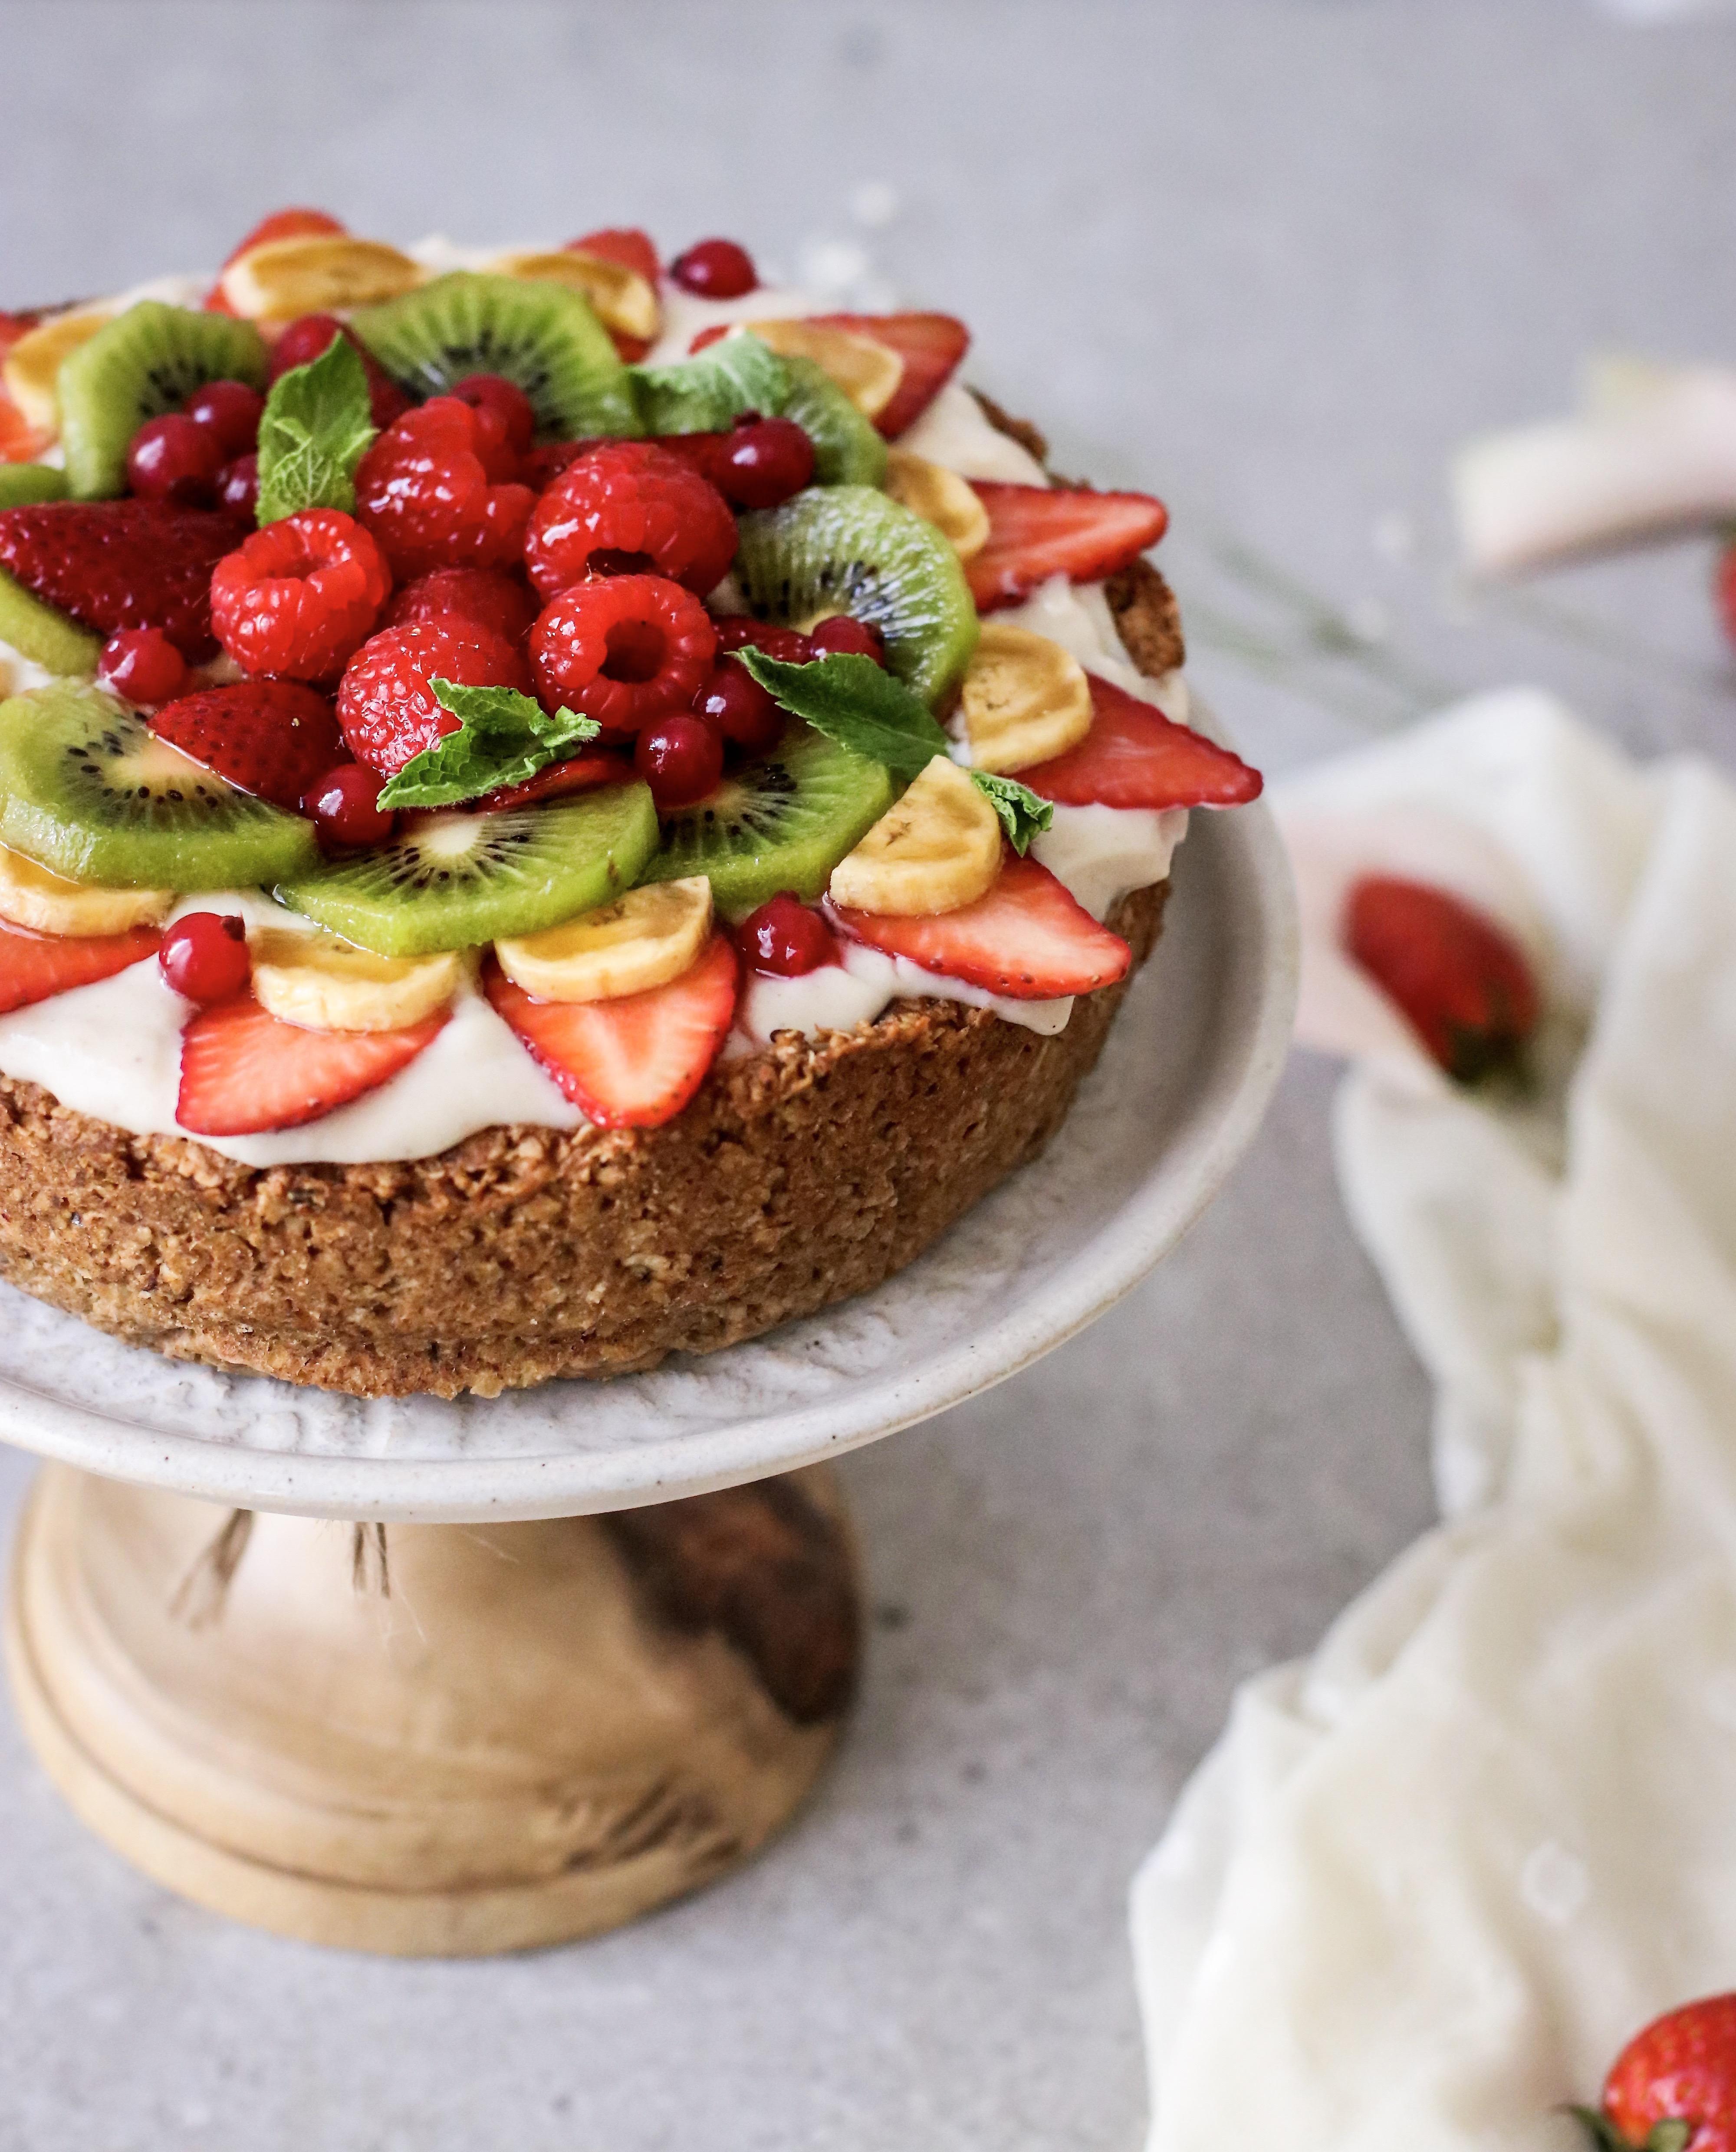 Tarta De Frutas Con Crema Pastelera En Versión Saludable